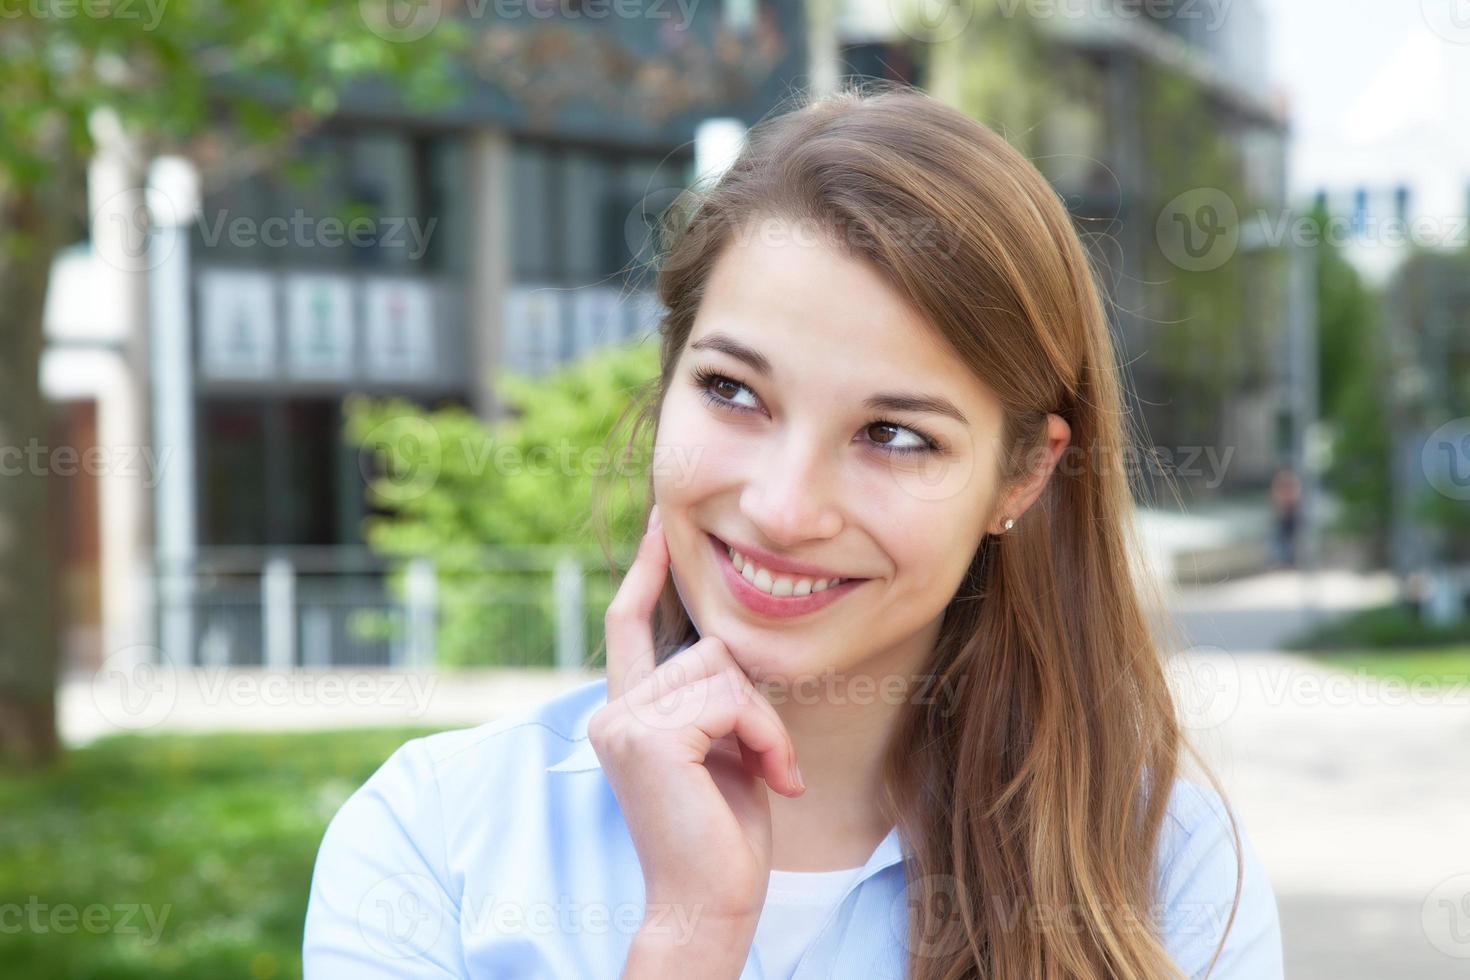 sonhando jovem com cabelos loiros fora foto